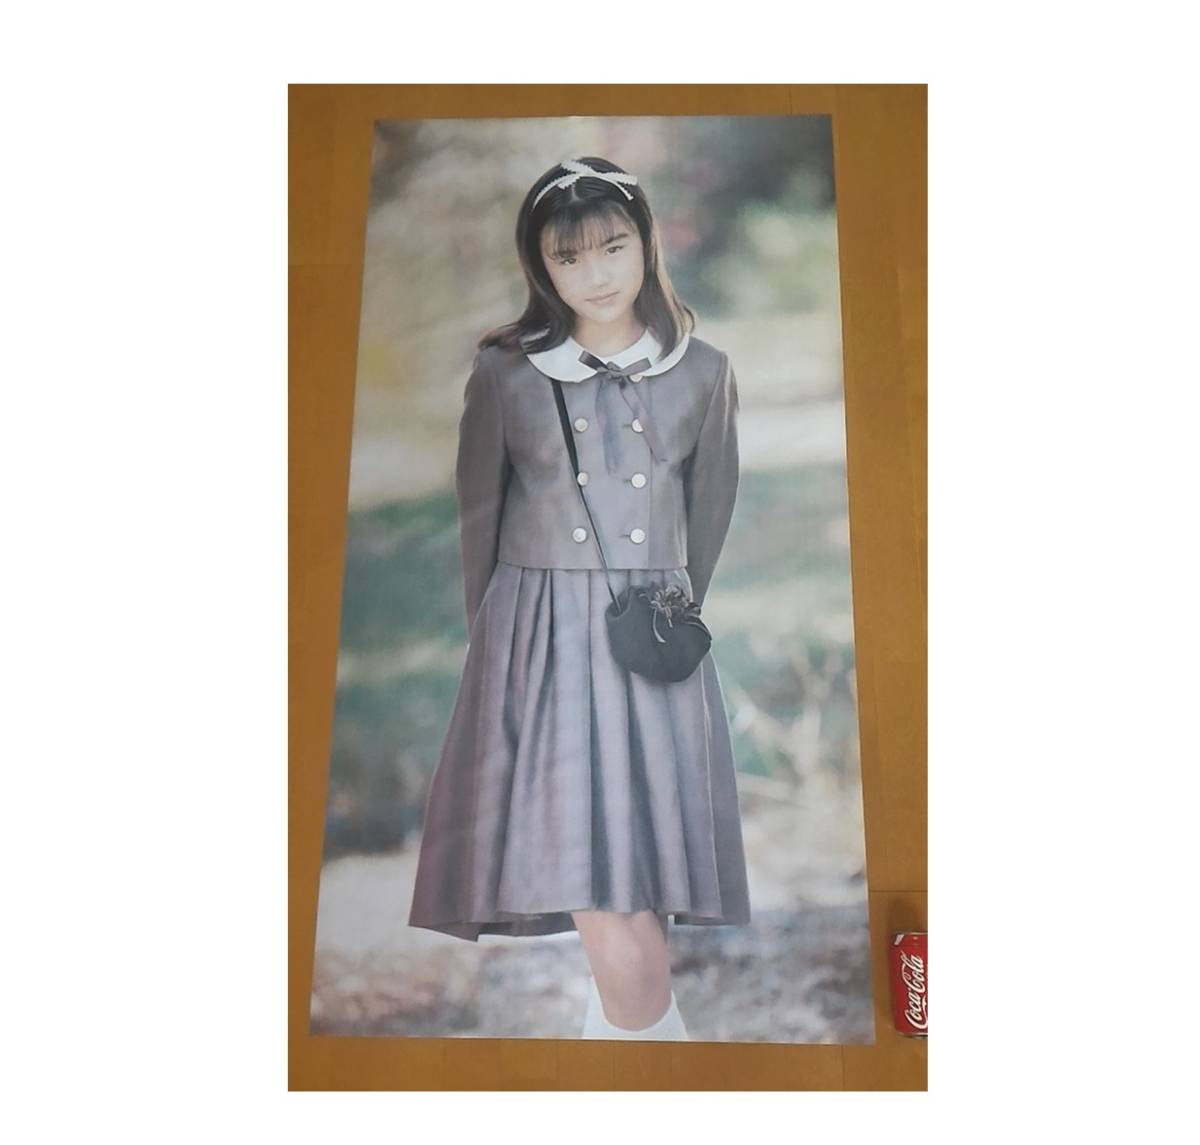 西村理香 希少 ☆ 等身大 ☆ ジュニア アイドル ポスター 西村理香 12歳 137×76cm 高級